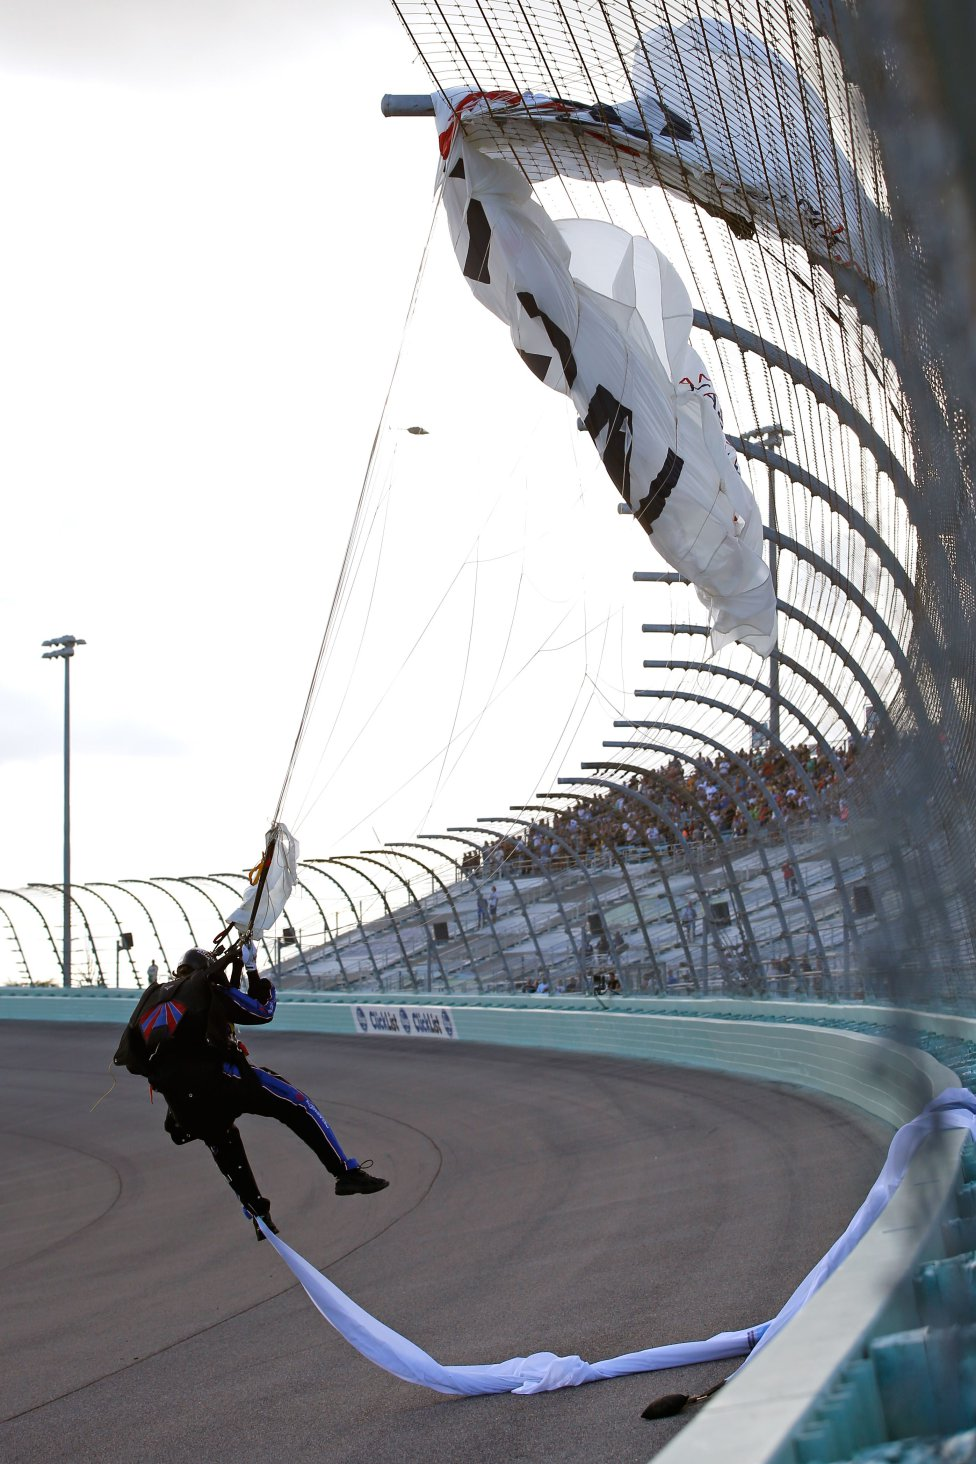 Un paracaidista se queda atrapado en la valla durante las ceremonias previas a la carrera de la serie NASCAR Cup Ford EcoBoost 400 de Monster Energy en Homestead-Miami Speedway.